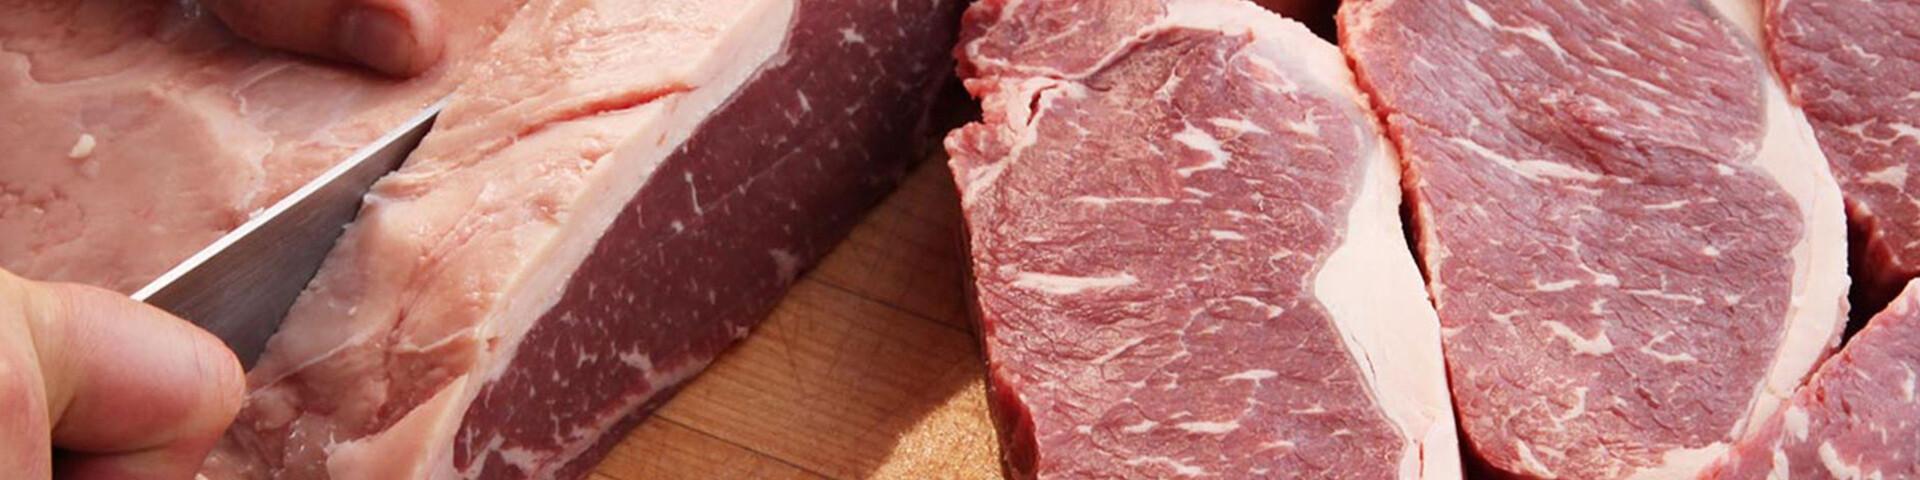 Marios-Meat-Market-Butcher